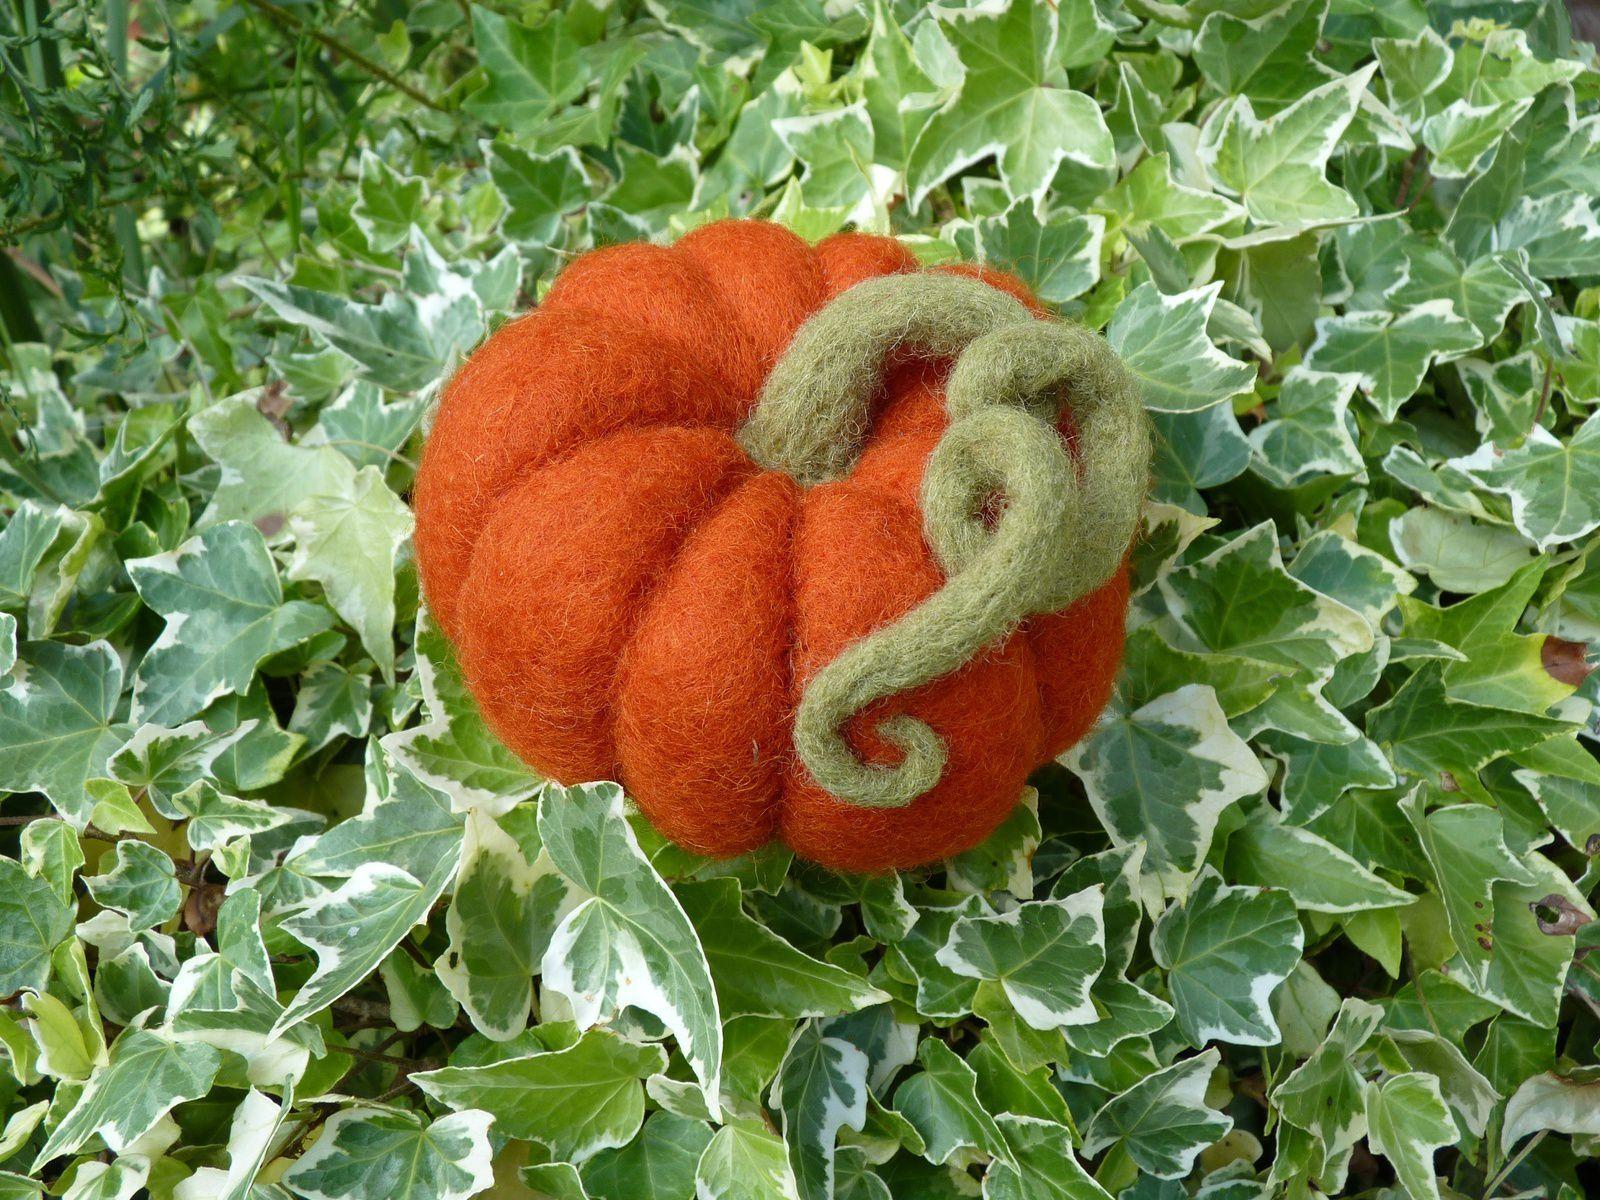 Citrouille feutrée... mettez des couleurs d'automne dans votre déco